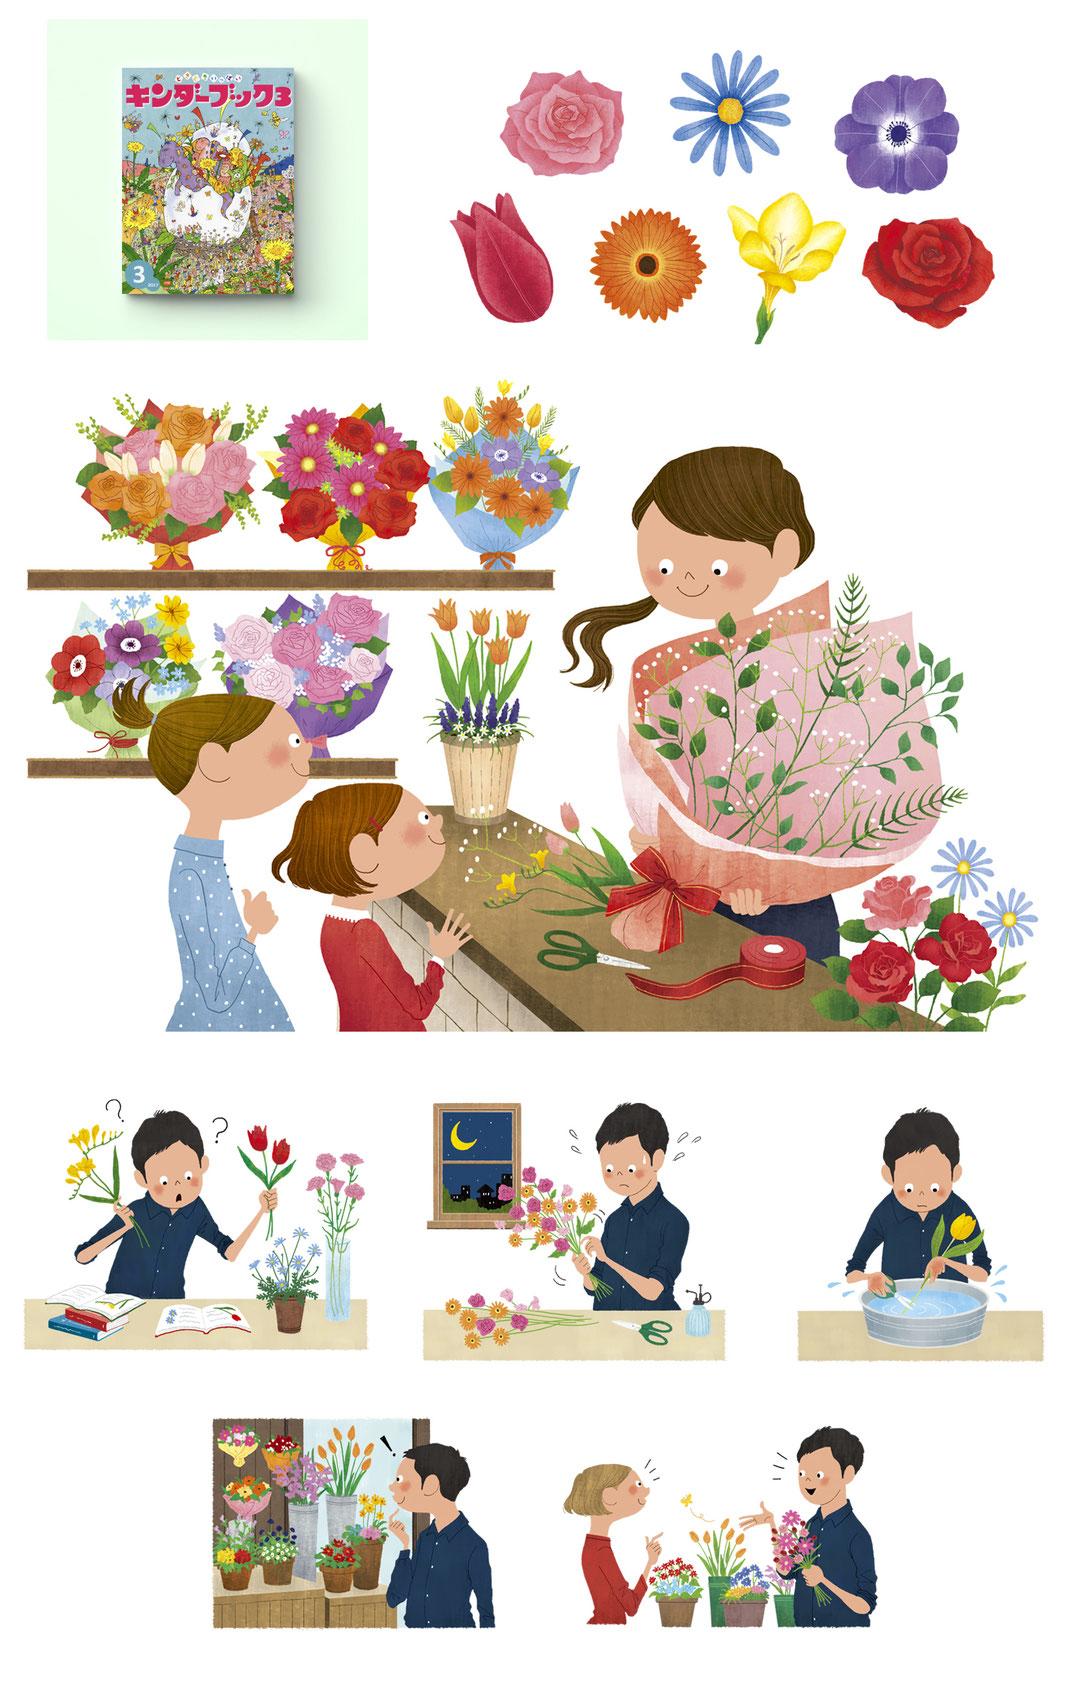 お花屋さんの1日のイラストと子供の姉妹がお花を買いに来るイラスト